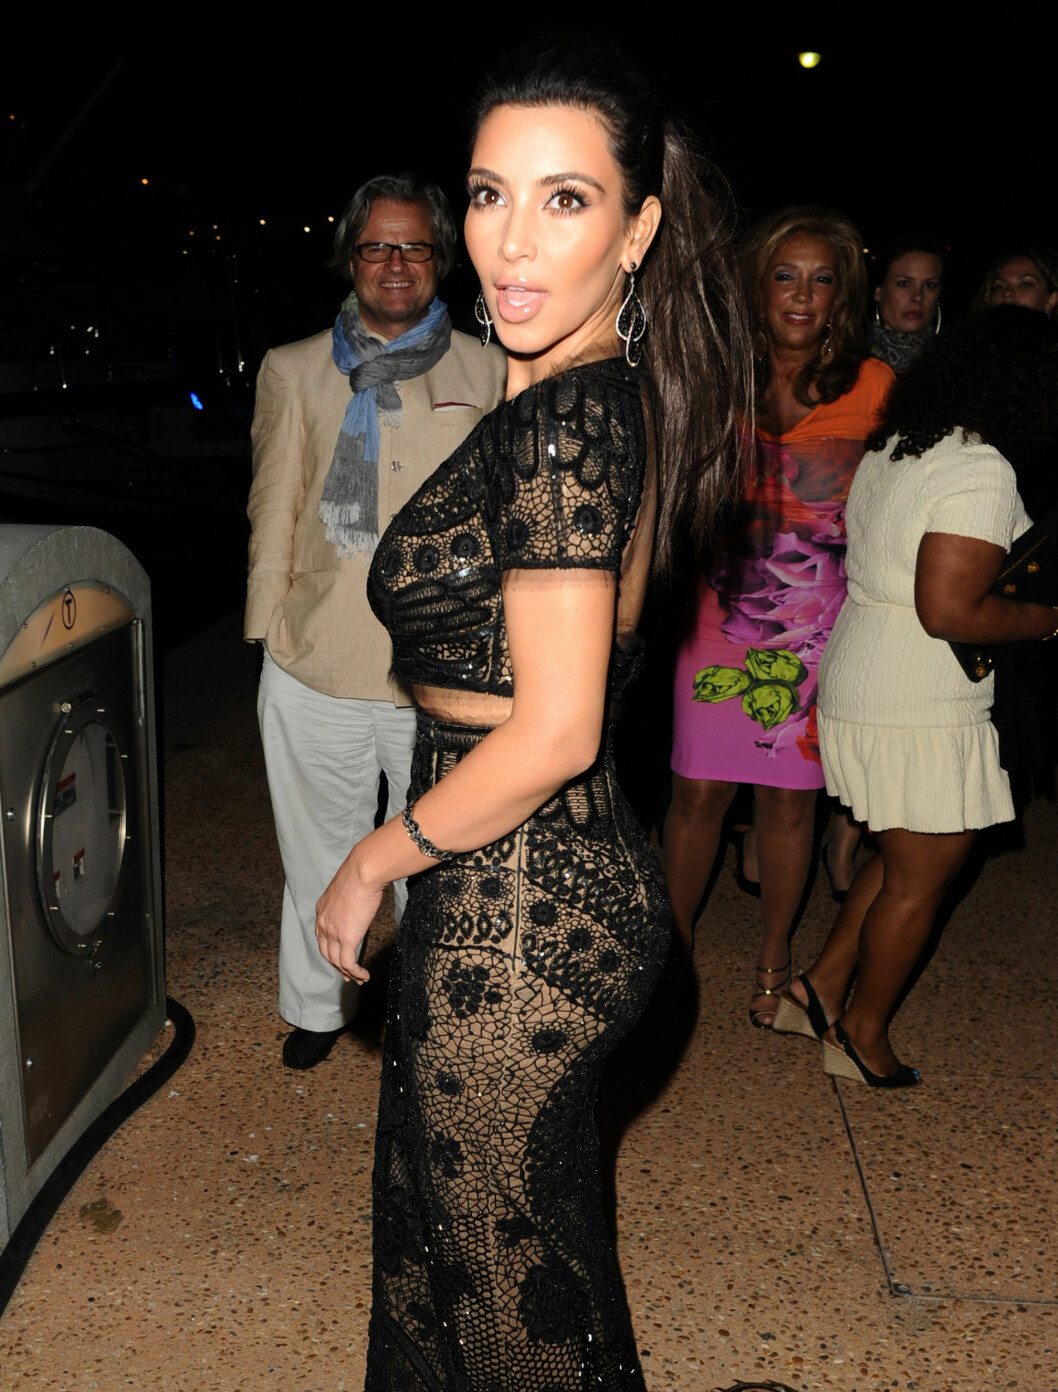 GJENNOMSIKTIG I FRANKRIKE: Kim Kardashian har i likhet med Beyonce skaffet seg en gjennomsiktig kjole. Slik så hun ut sist tirsdag på fest med Sean Combs i Cannes. Foto: Fame Flynet